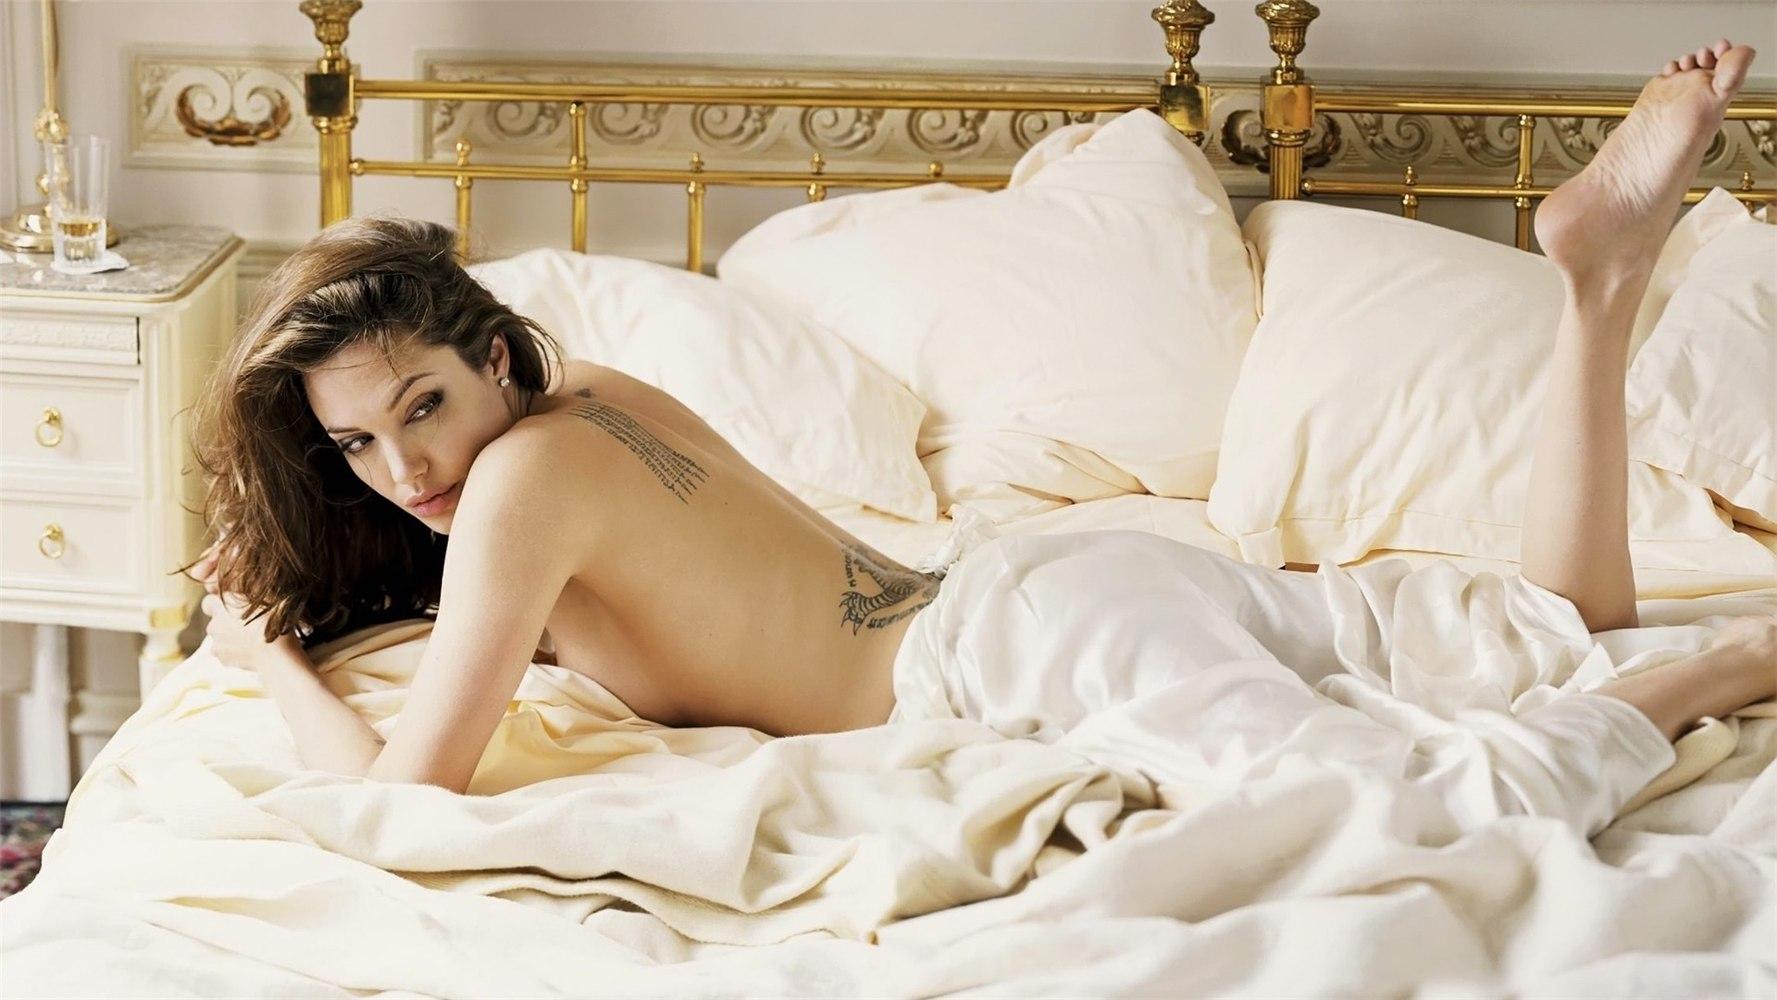 модель Анджелина Джоли / Angelina Jolie